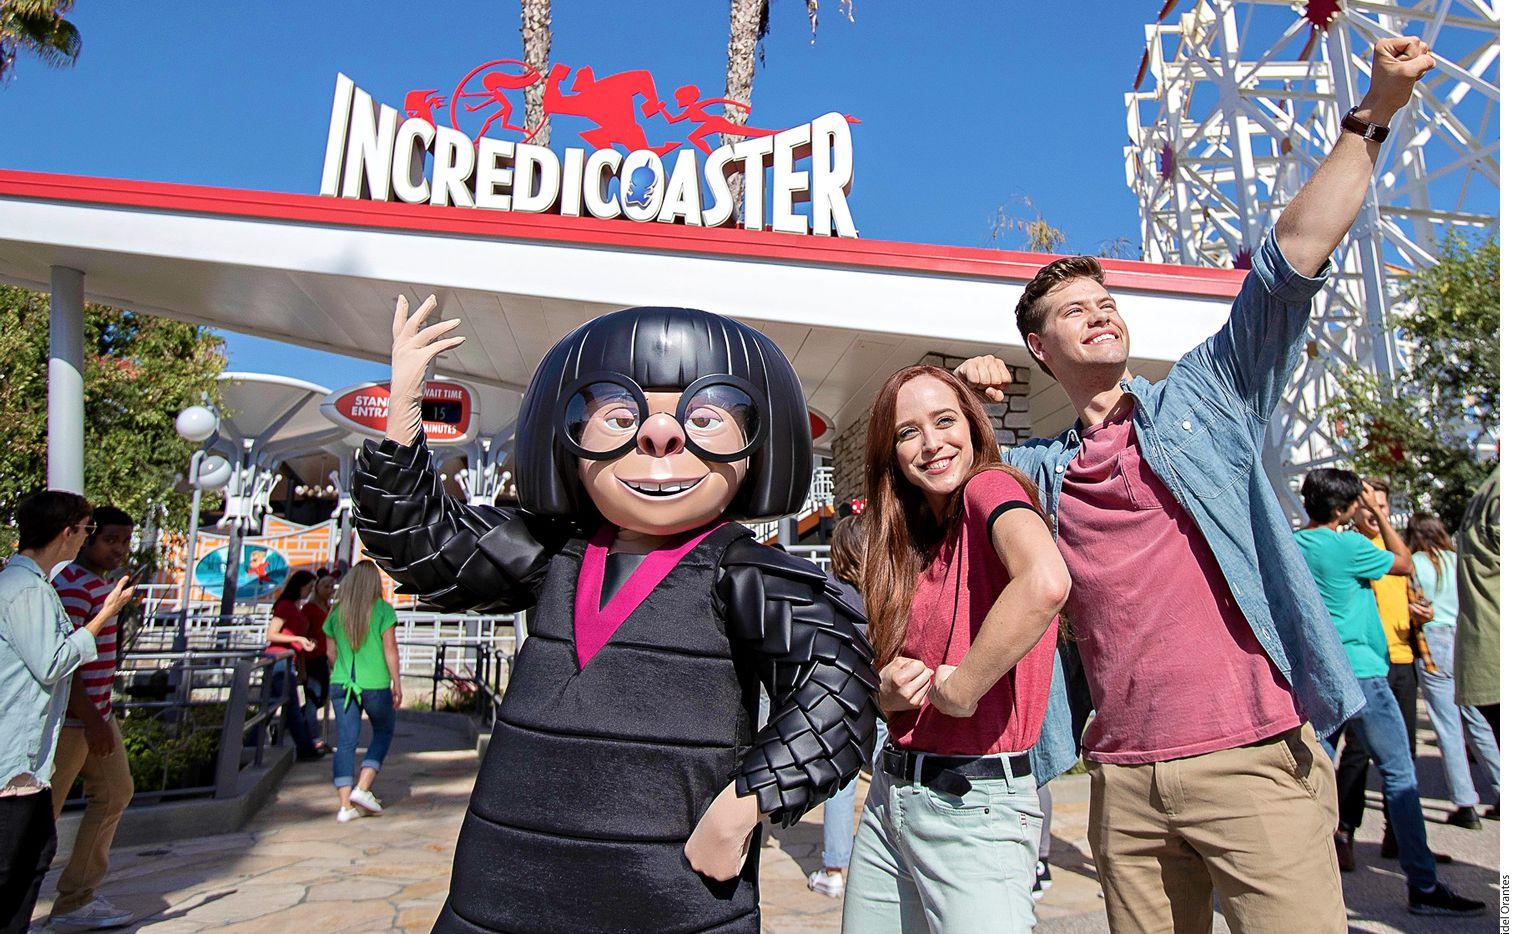 """Sin con tanto ir y venir, de pronto te desorientas y ya no sabes cómo regresar a Pixar Pier, por donde pasará el desfile """"Paint the Night"""", con su recién incluido carro alegórico de Los Increíbles."""